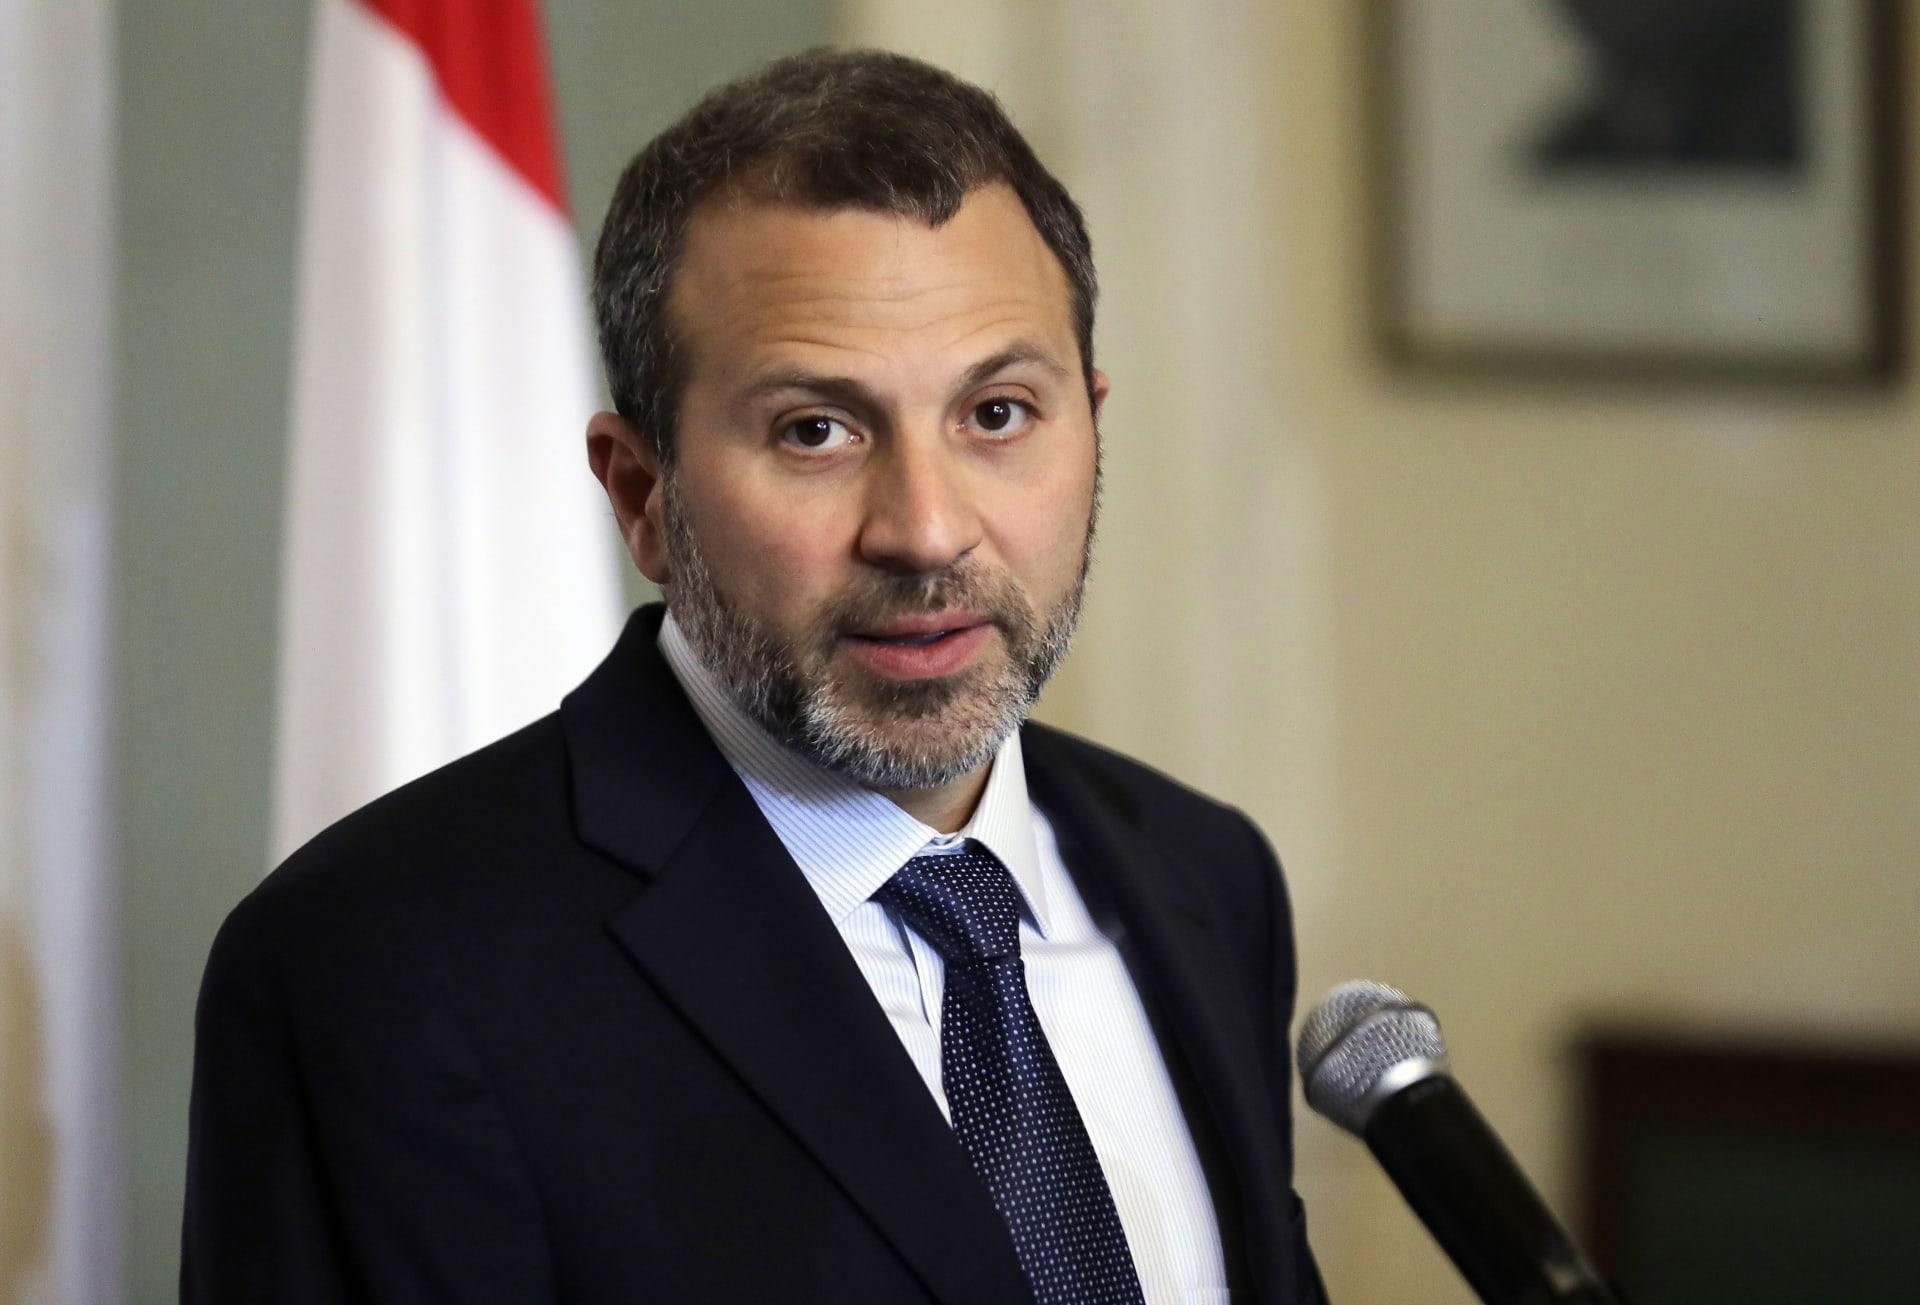 بينها رفع السرية المصرفية.. 3 قوانين مقترحة لمحاربة الفساد في لبنان